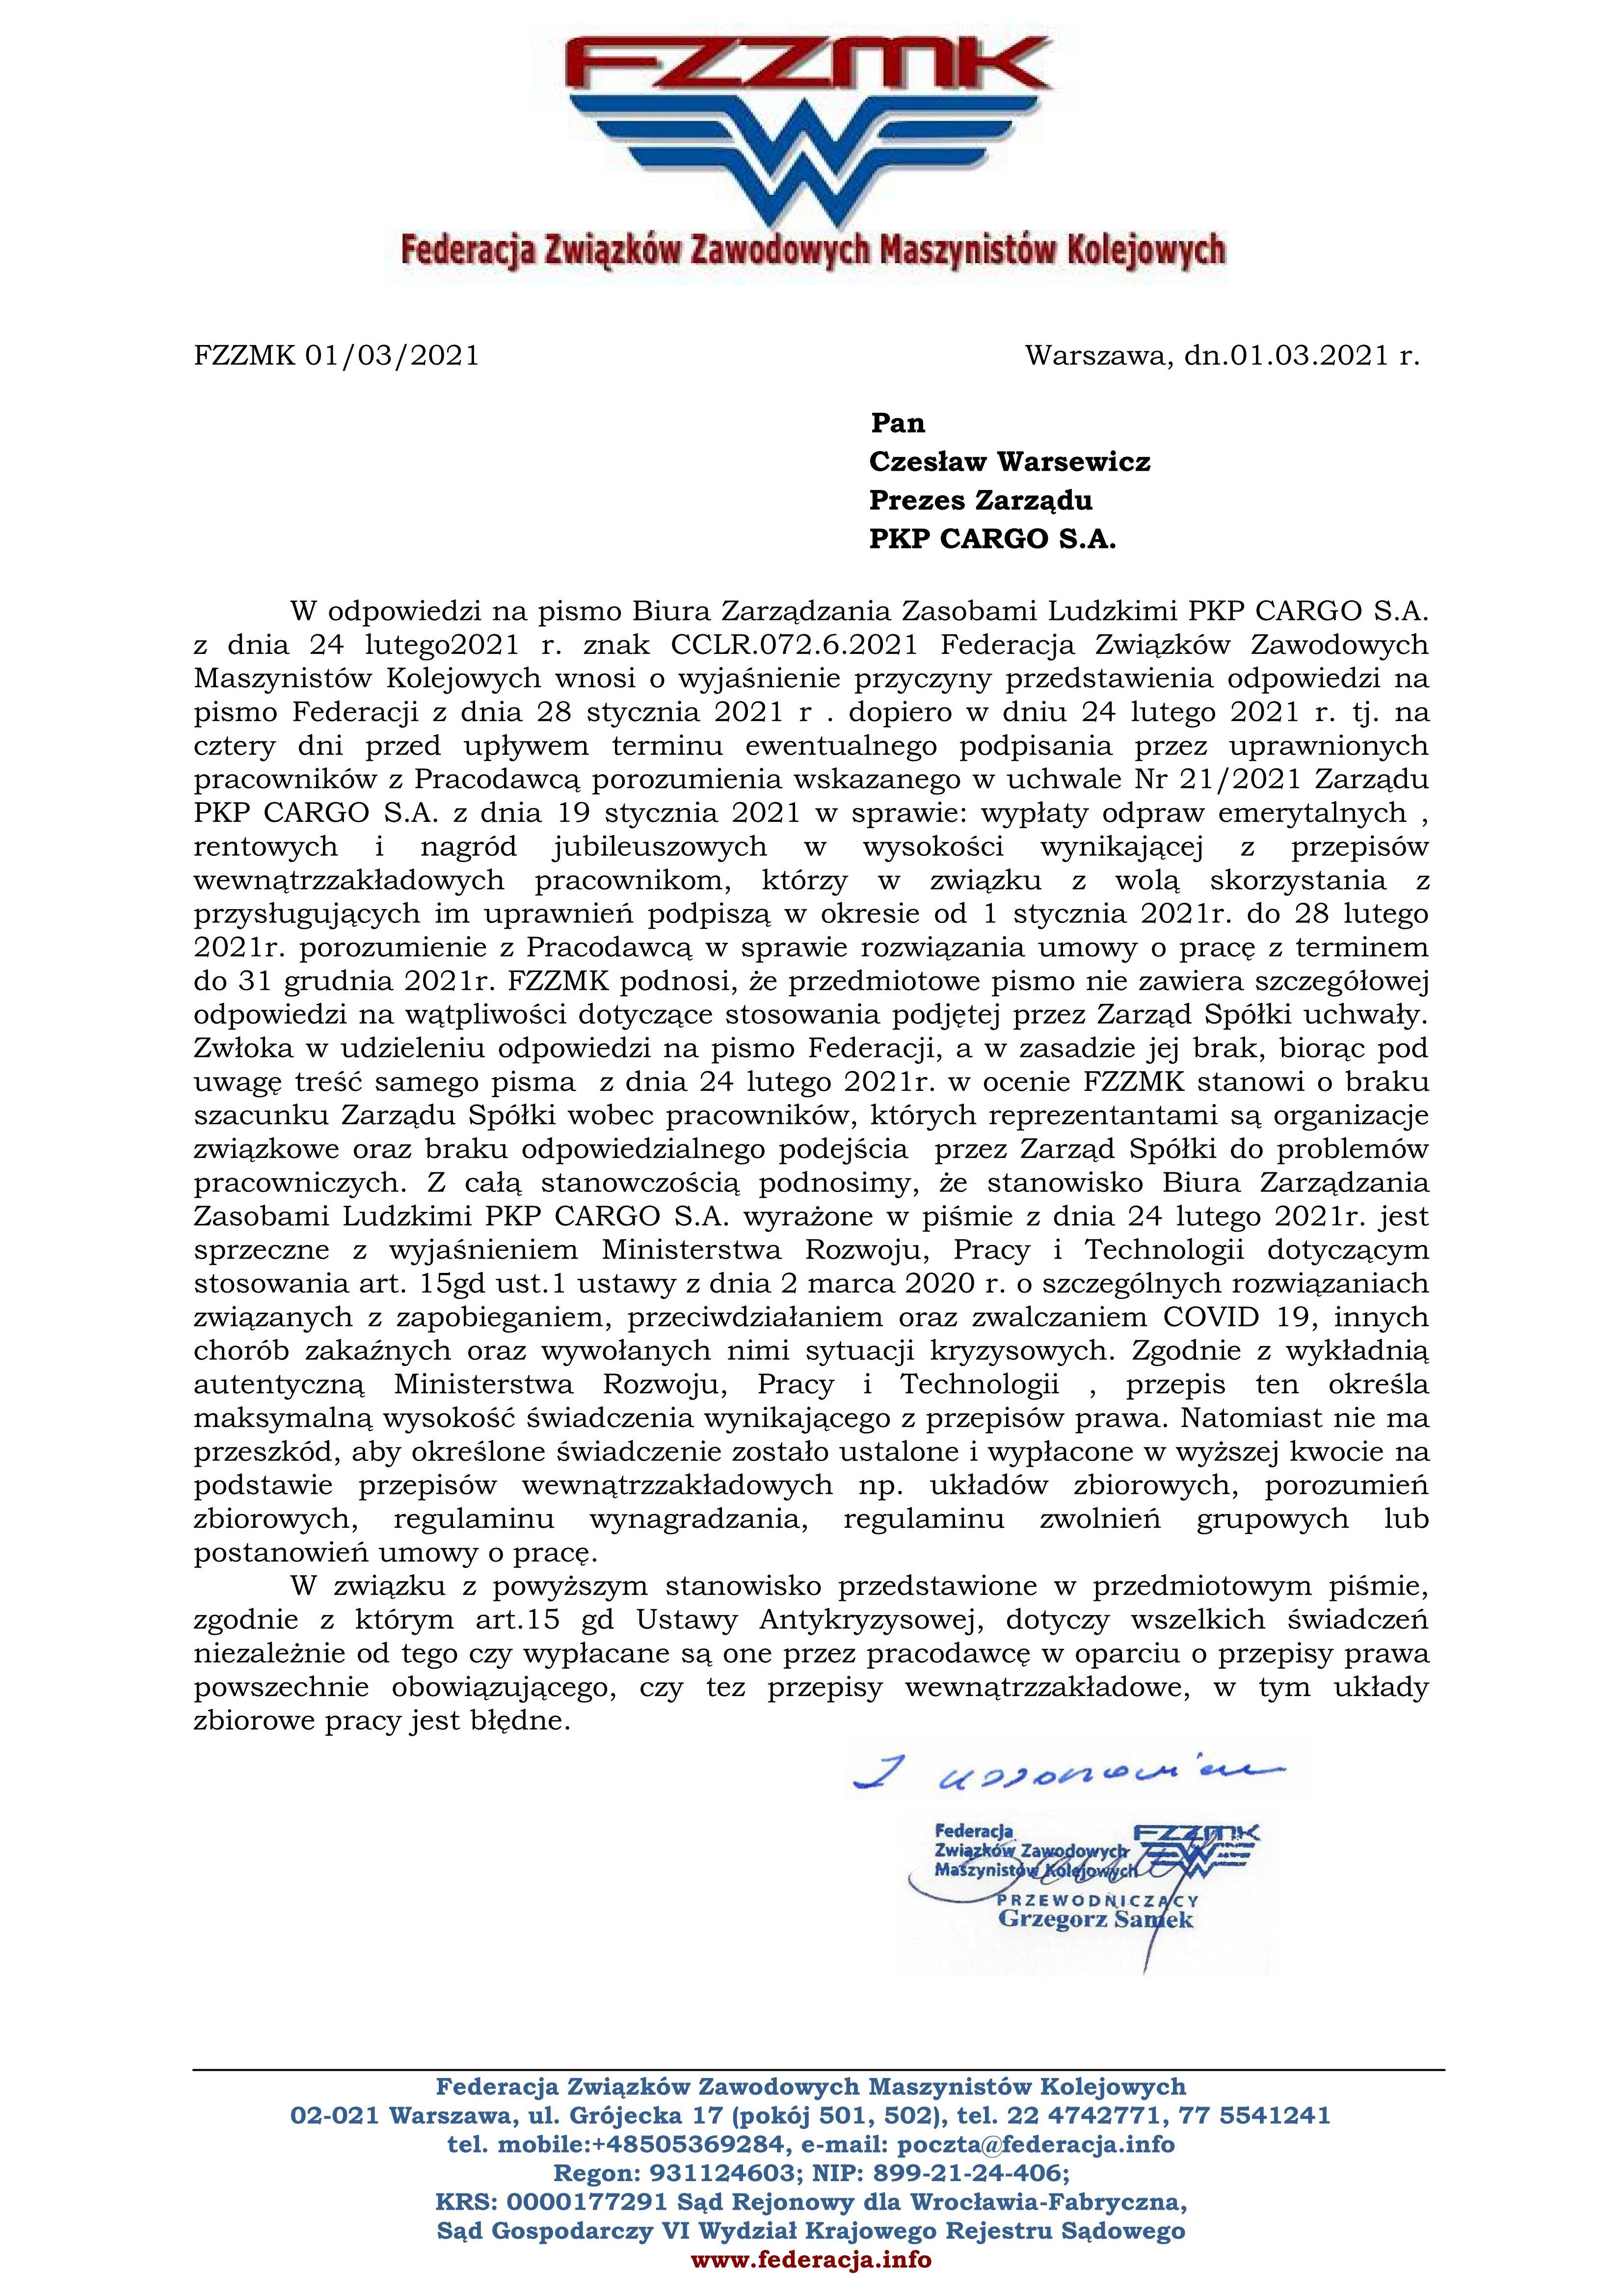 CARGO odprawy odpowied na pismo leniak  1032021jpg